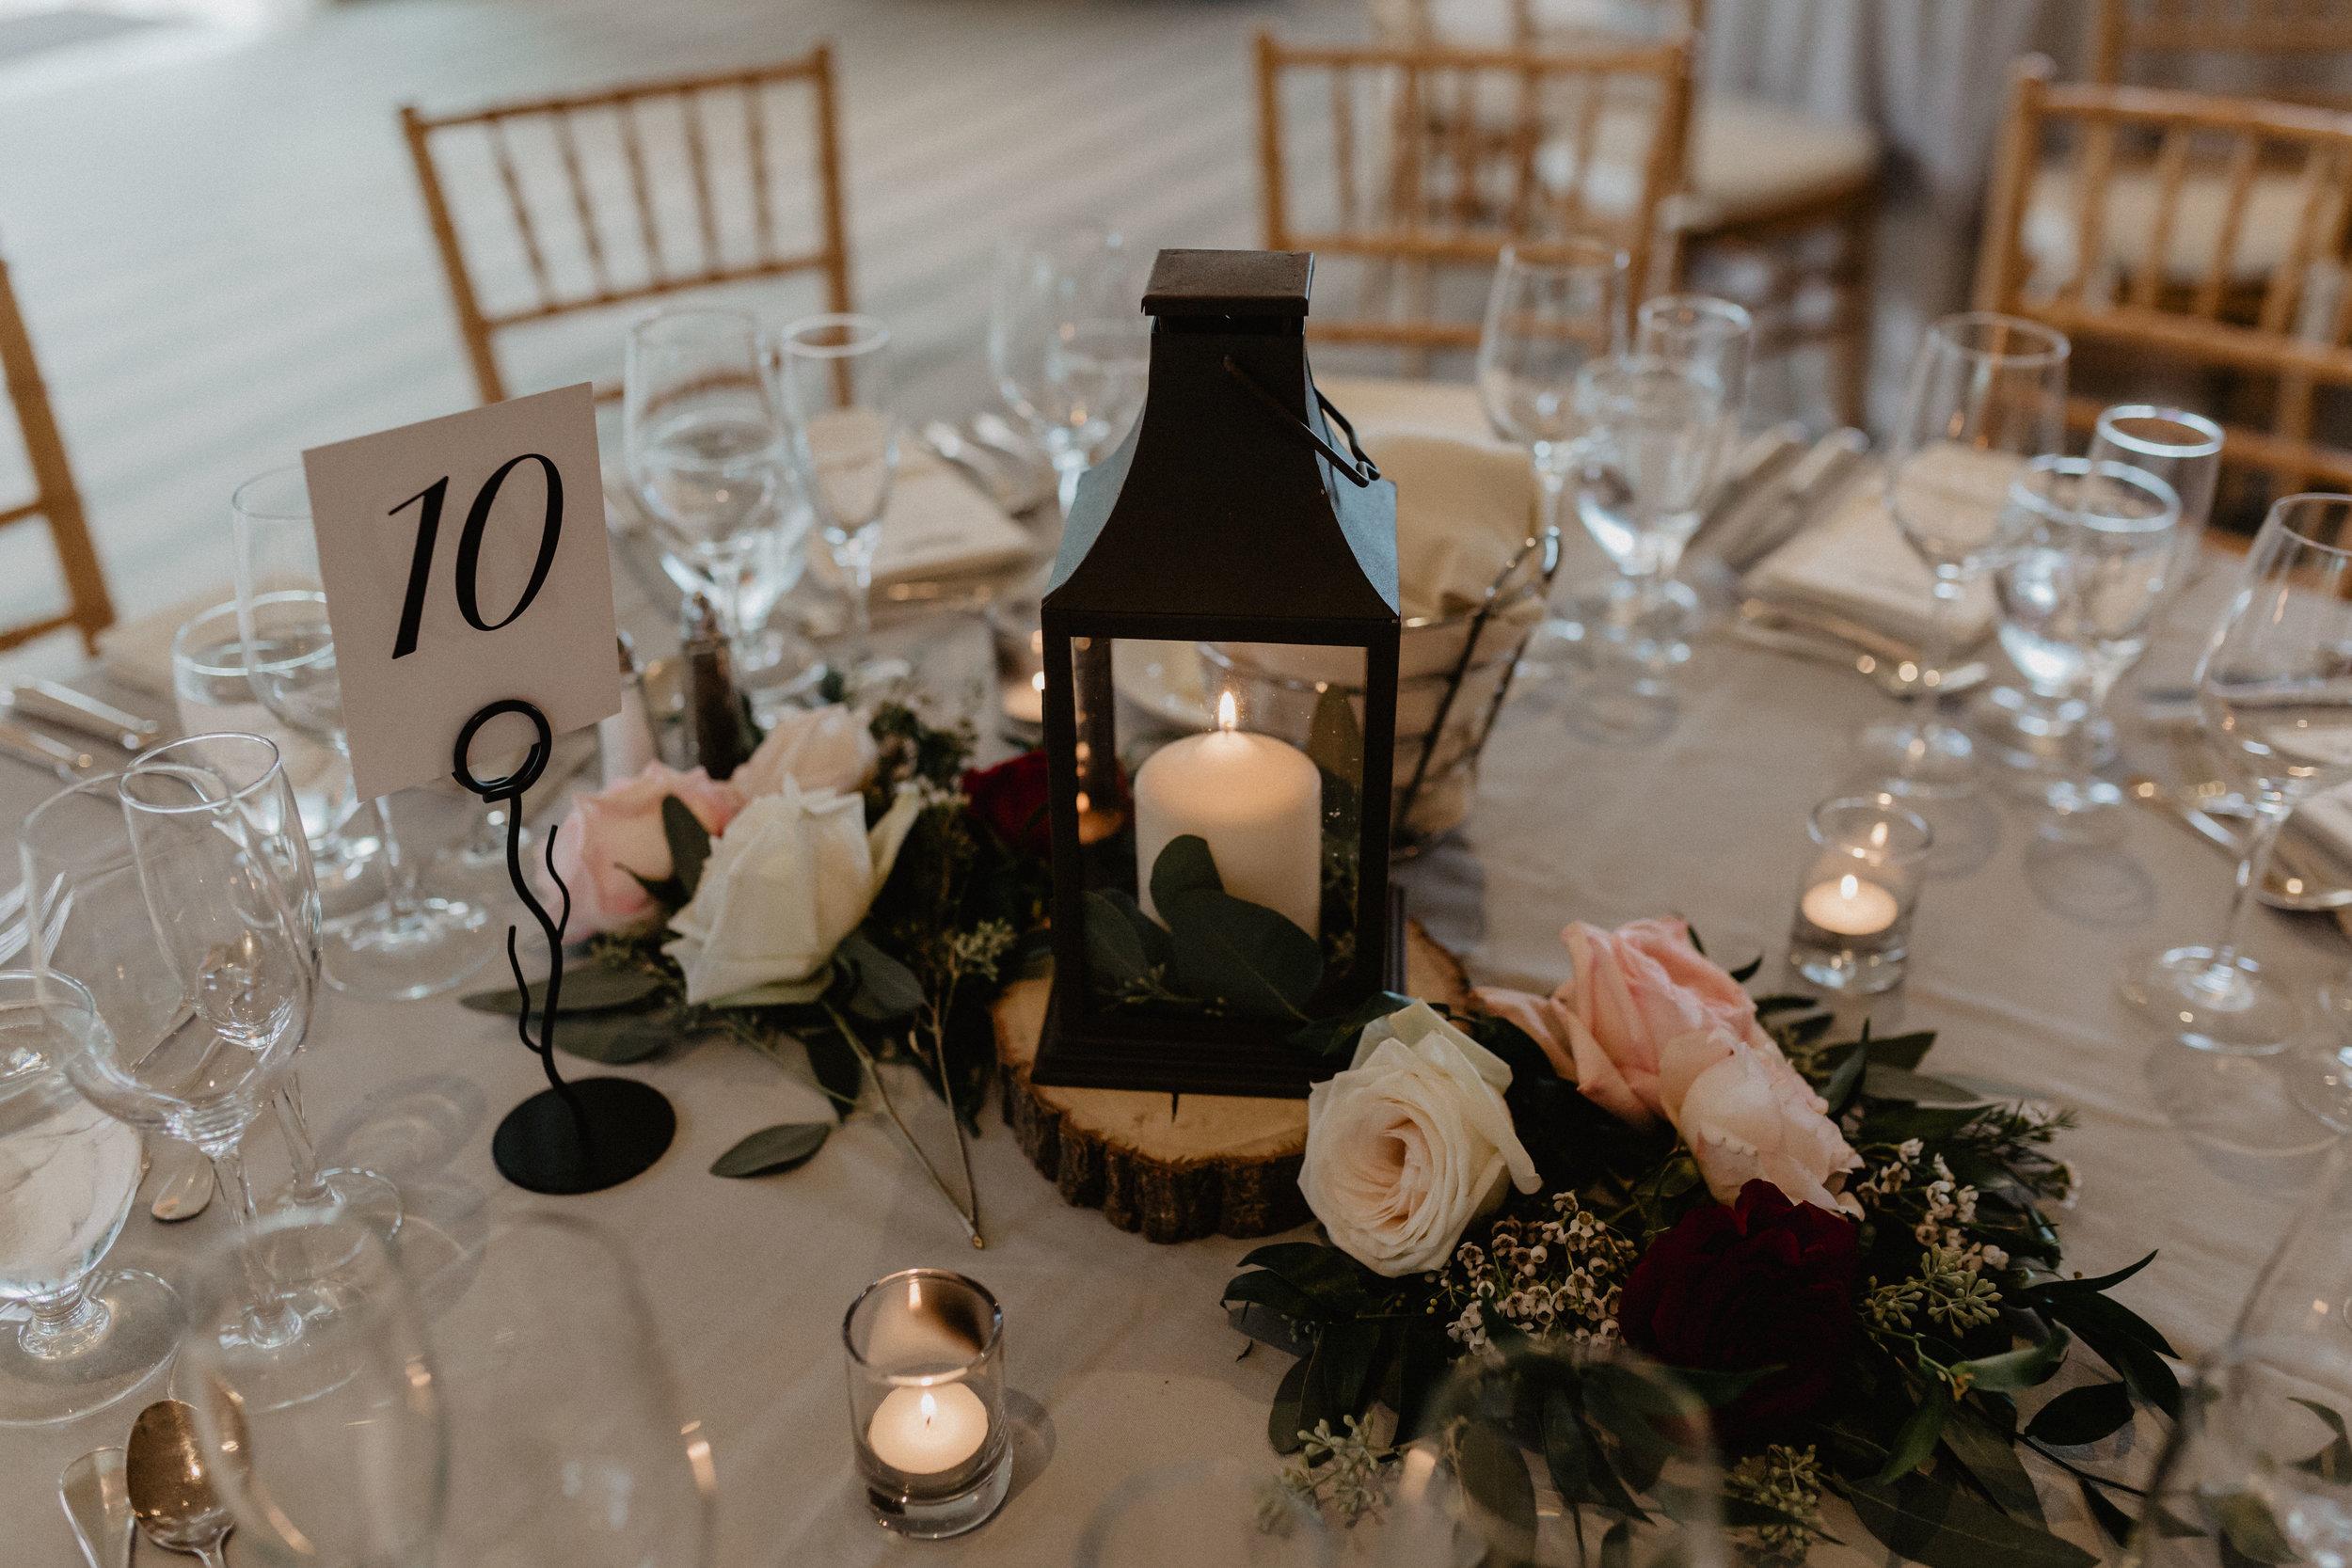 garrison_wedding_photos_077.jpg